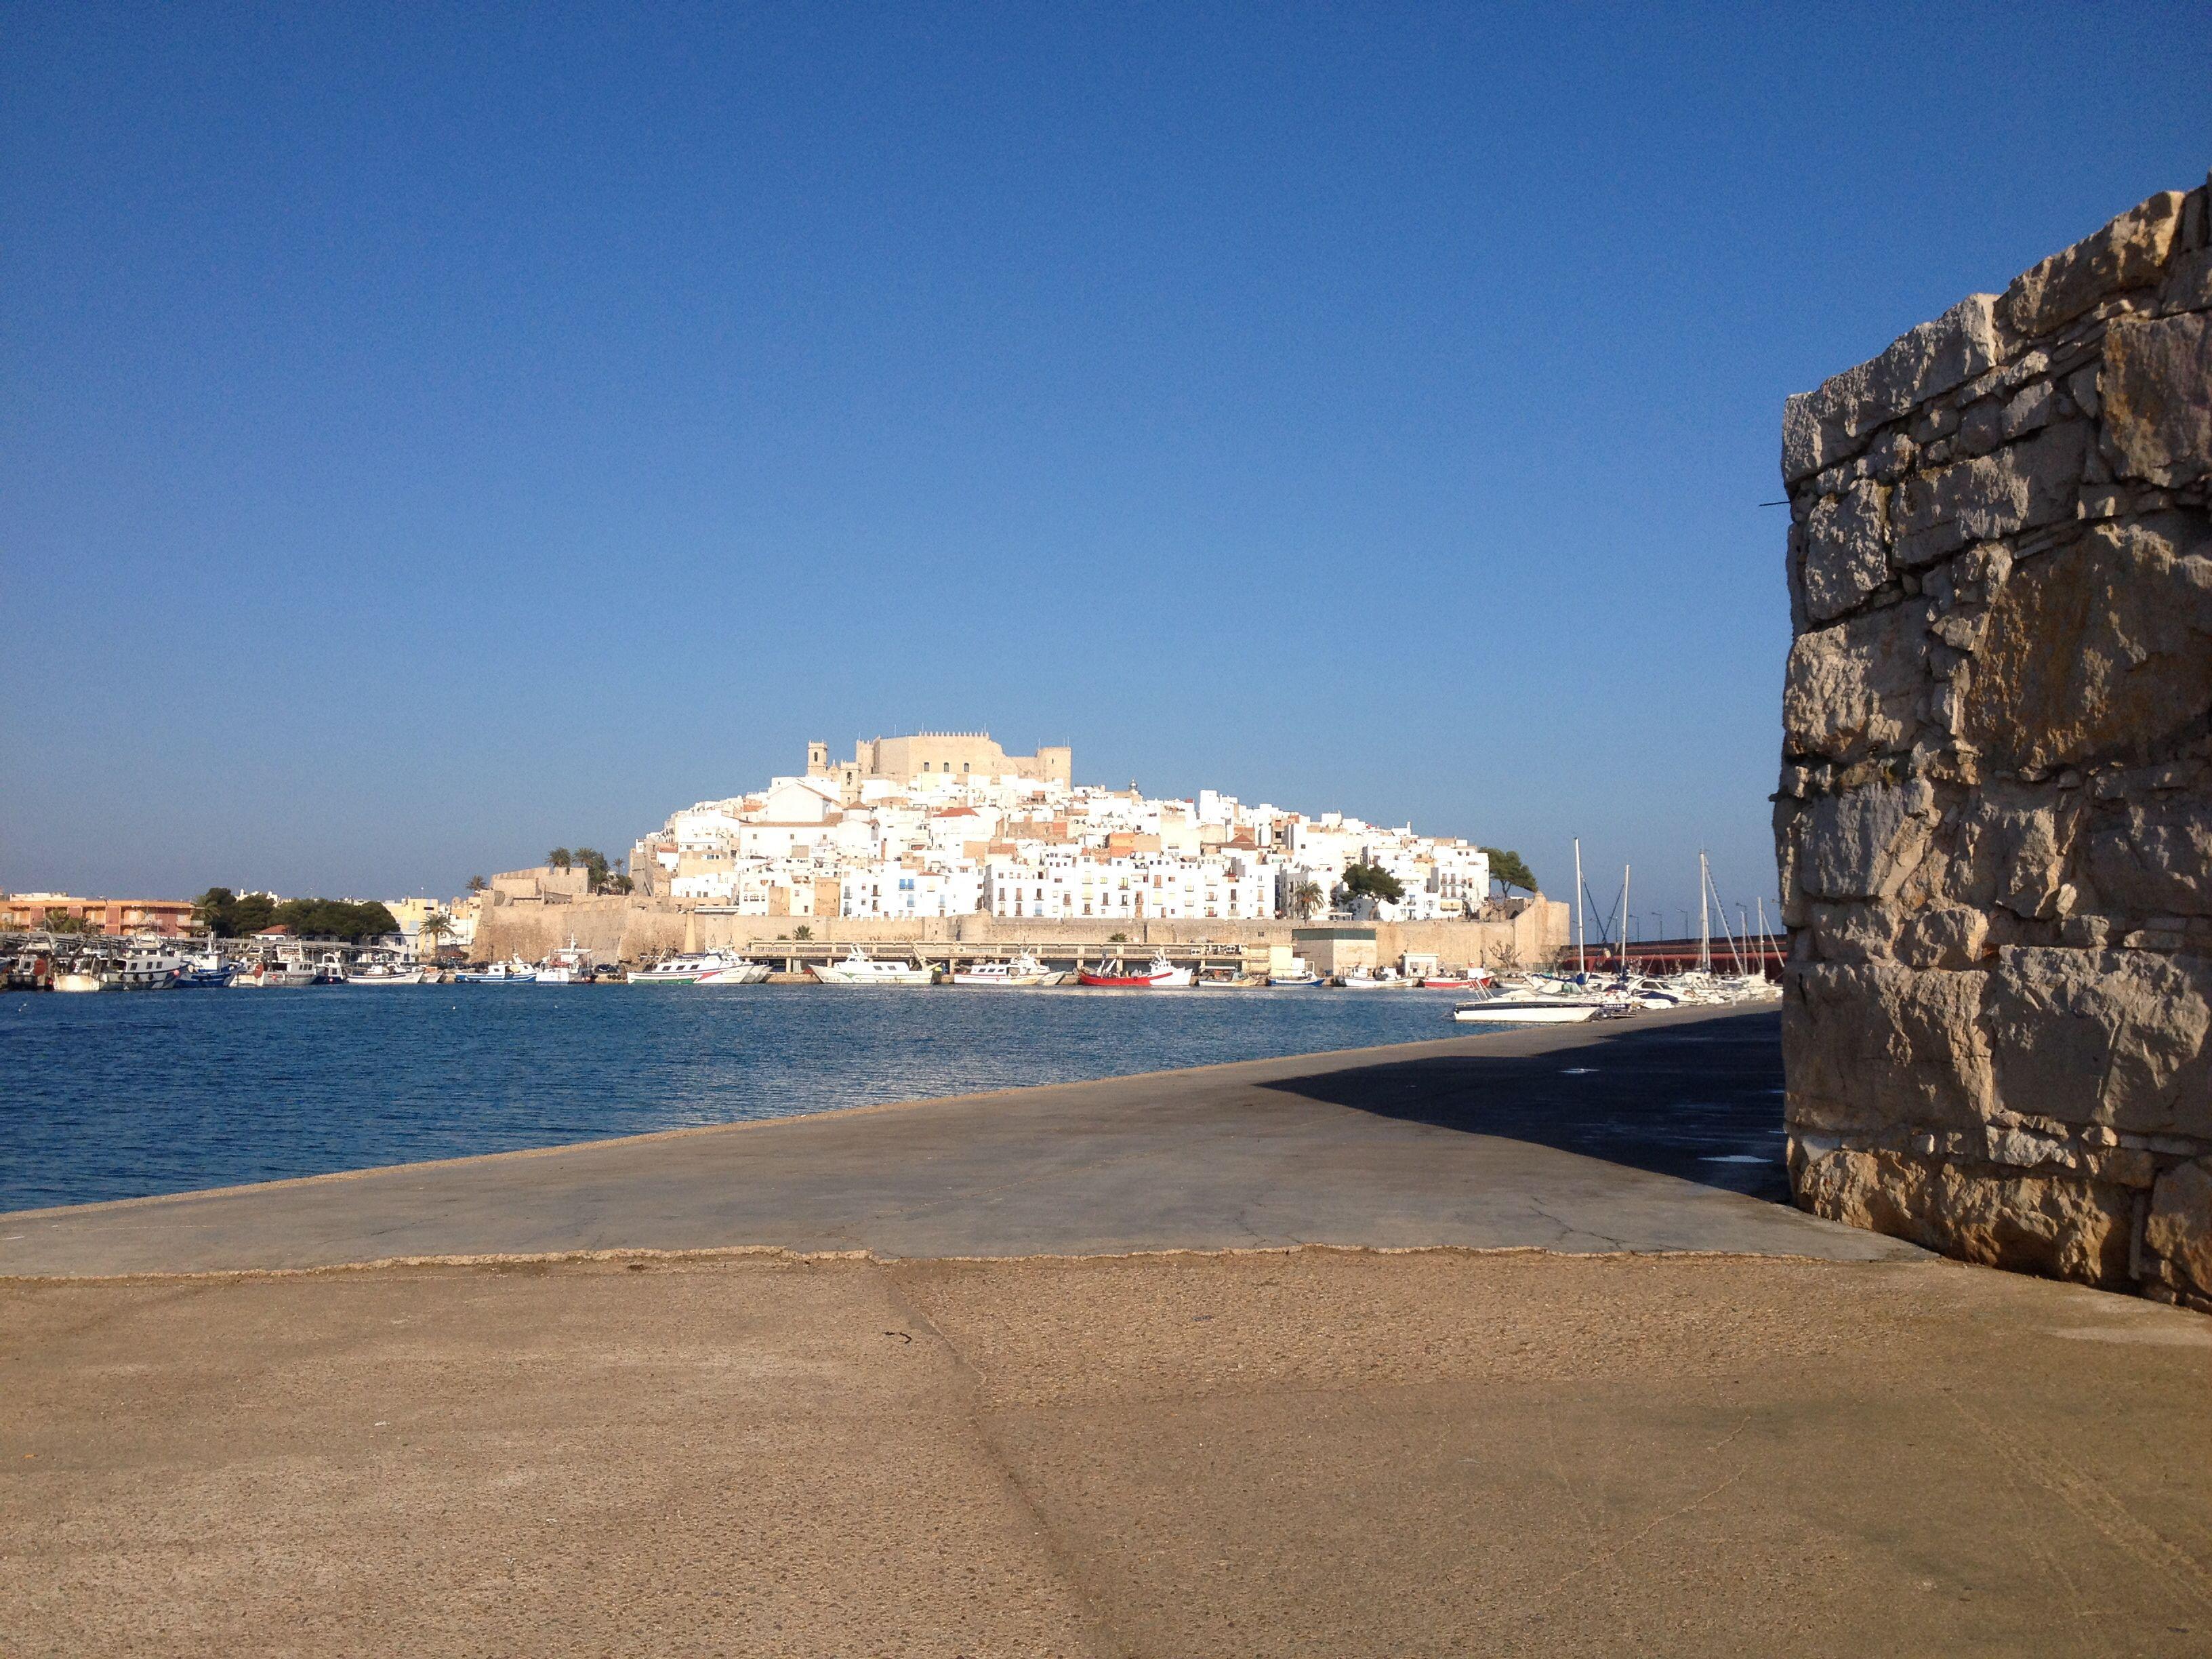 Peñiscola desde el puerto con su hermoso casco antiguo que vale la pena visitar. Estrechas calles con sus fachadas blancas.